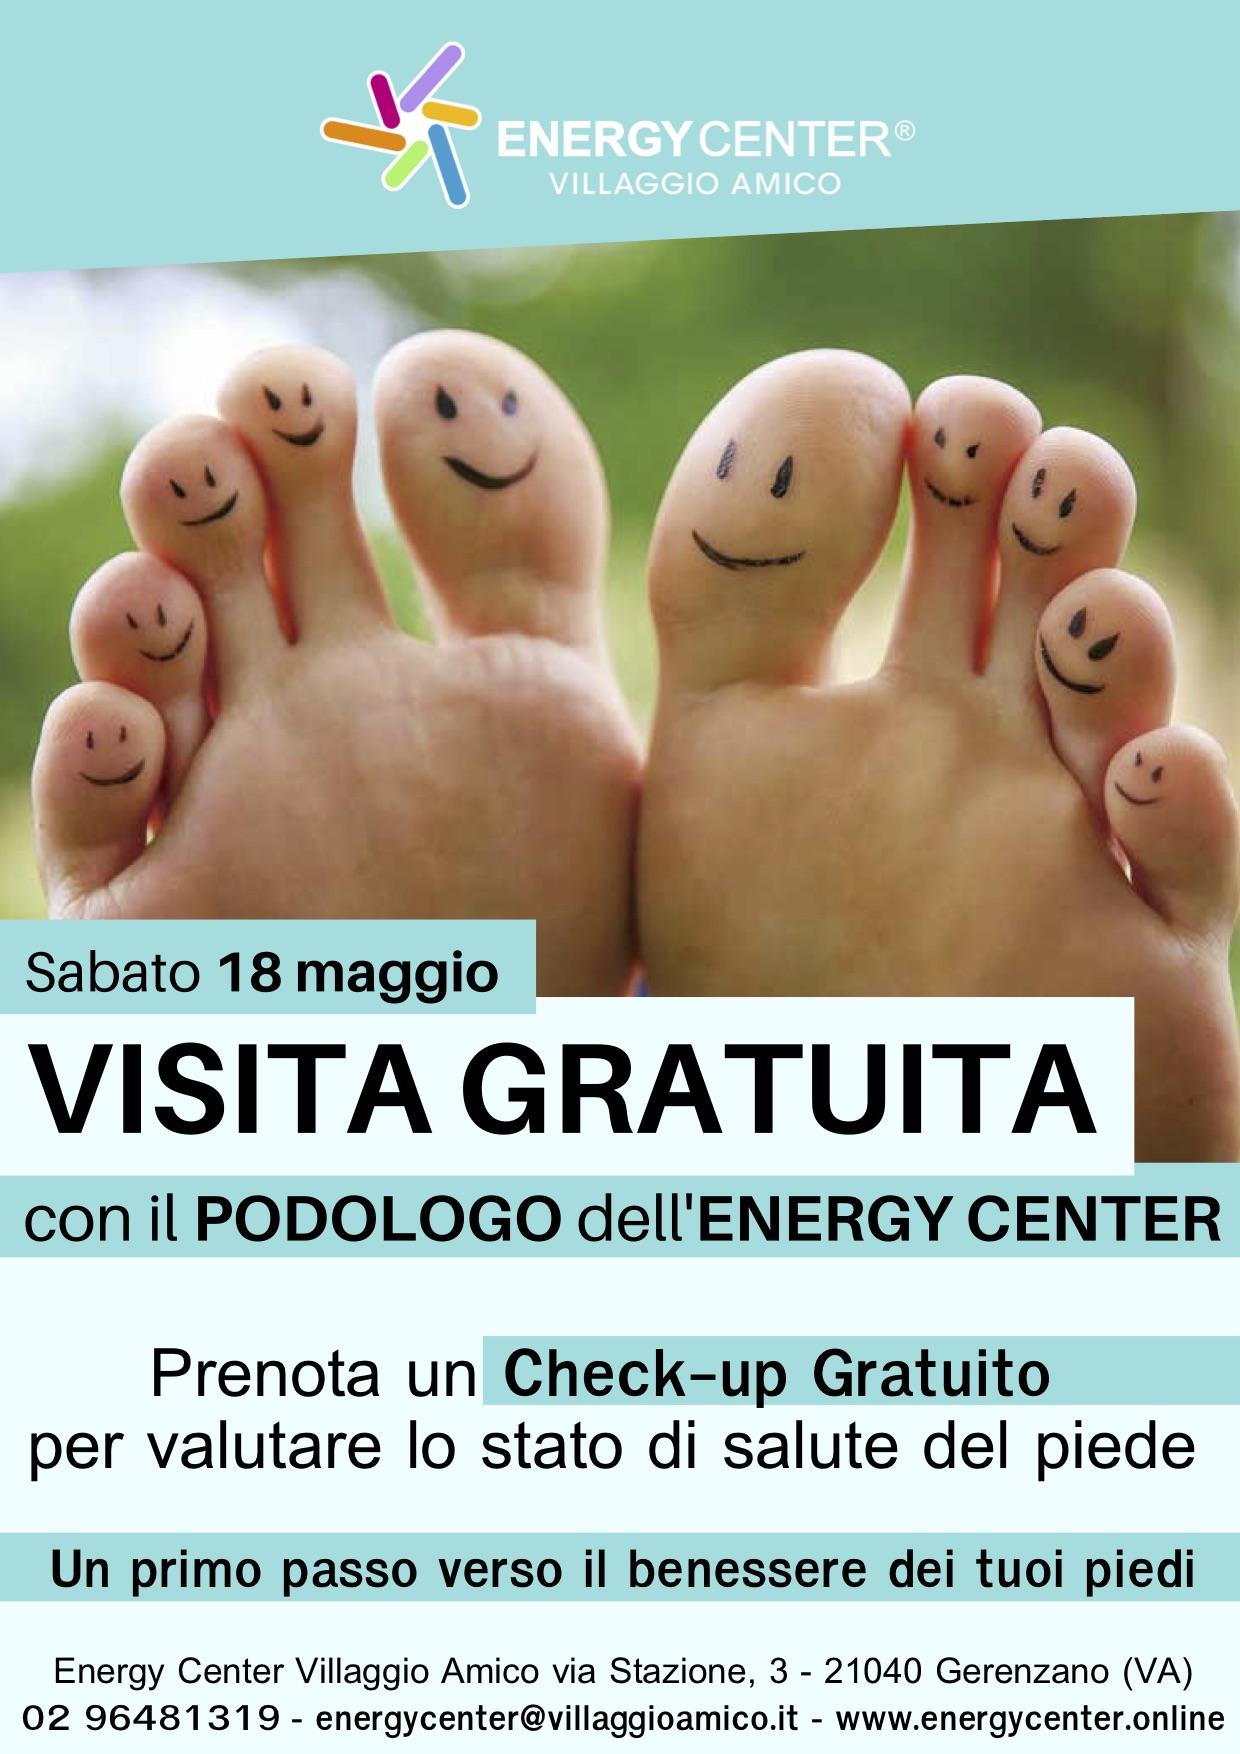 Rimettersi in forma partendo dai piedi:  il 18 maggio a Villaggio Amico visite gratuite con la nuova podologa dell'Energy Center